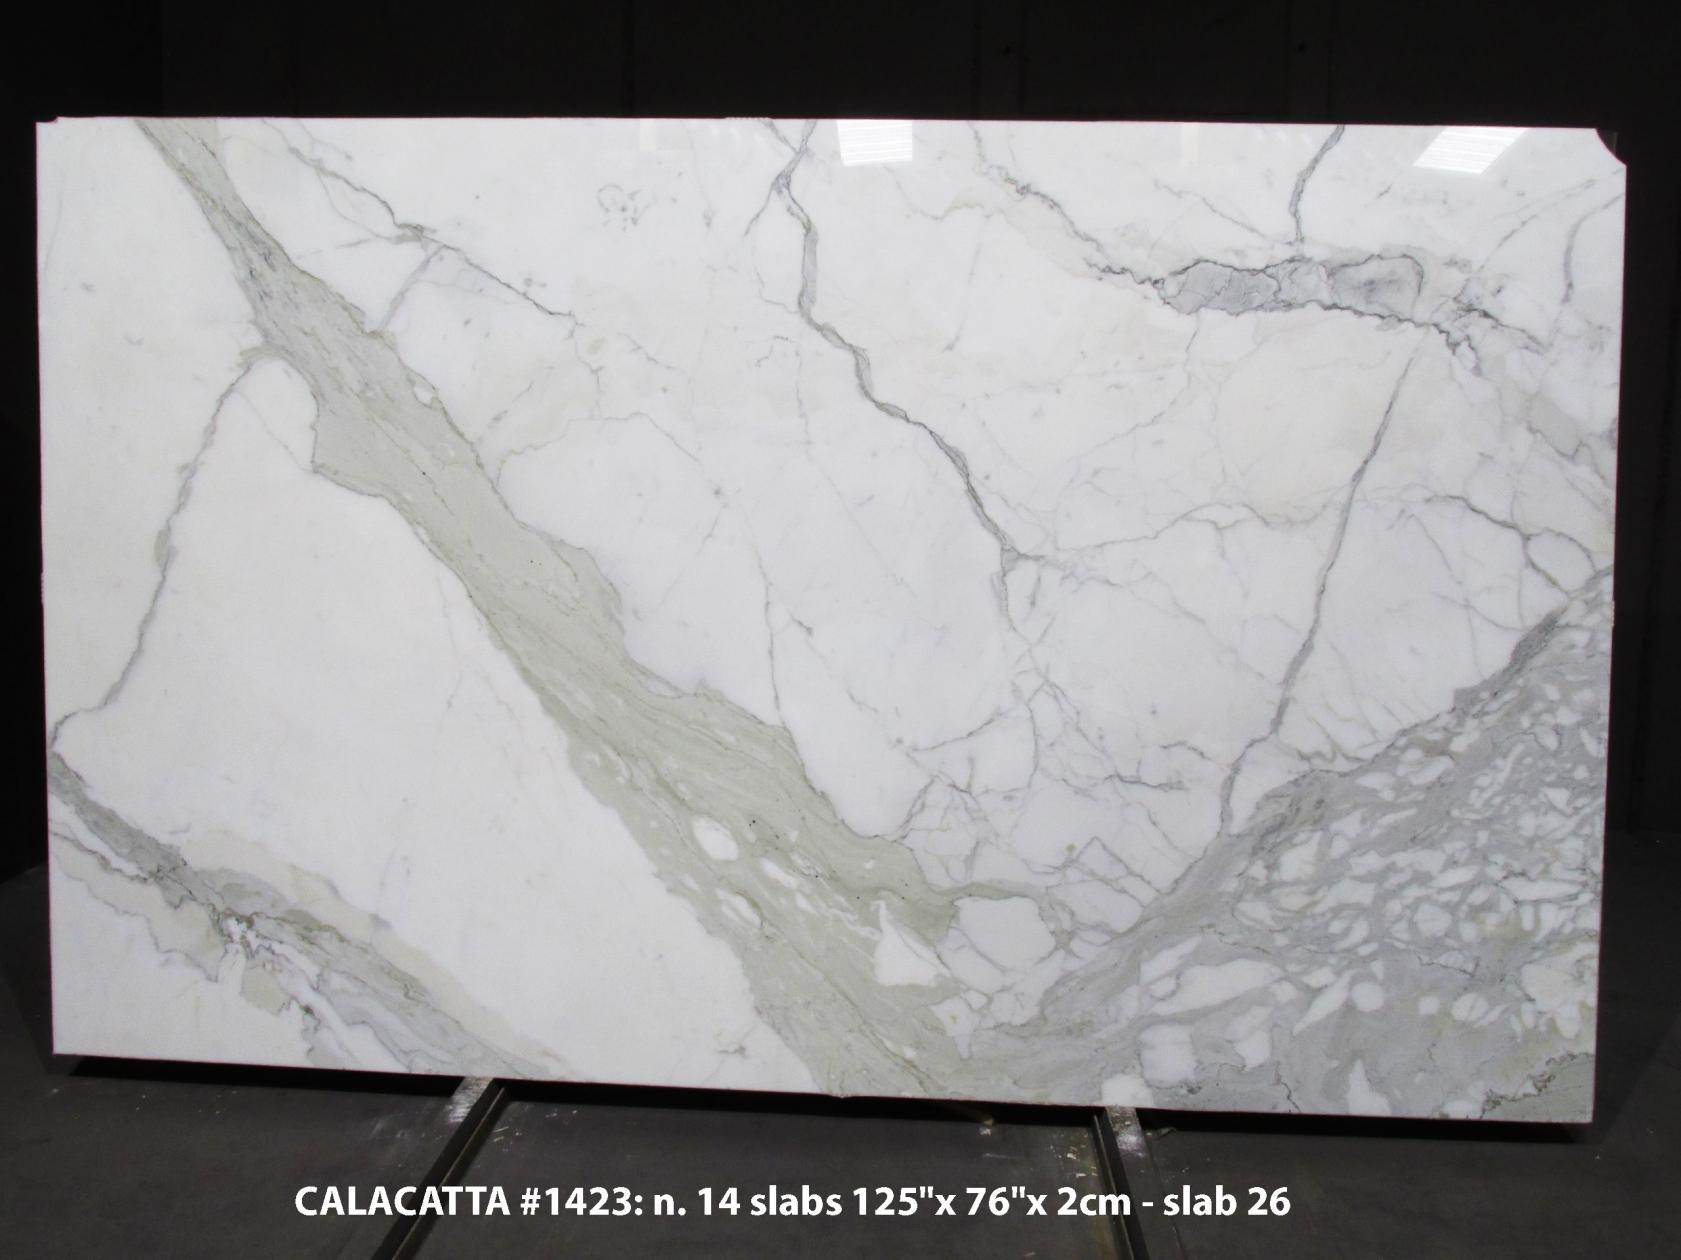 CALACATTA Suministro Veneto (Italia) de planchas pulidas en mármol natural 1423M , Bundle #2